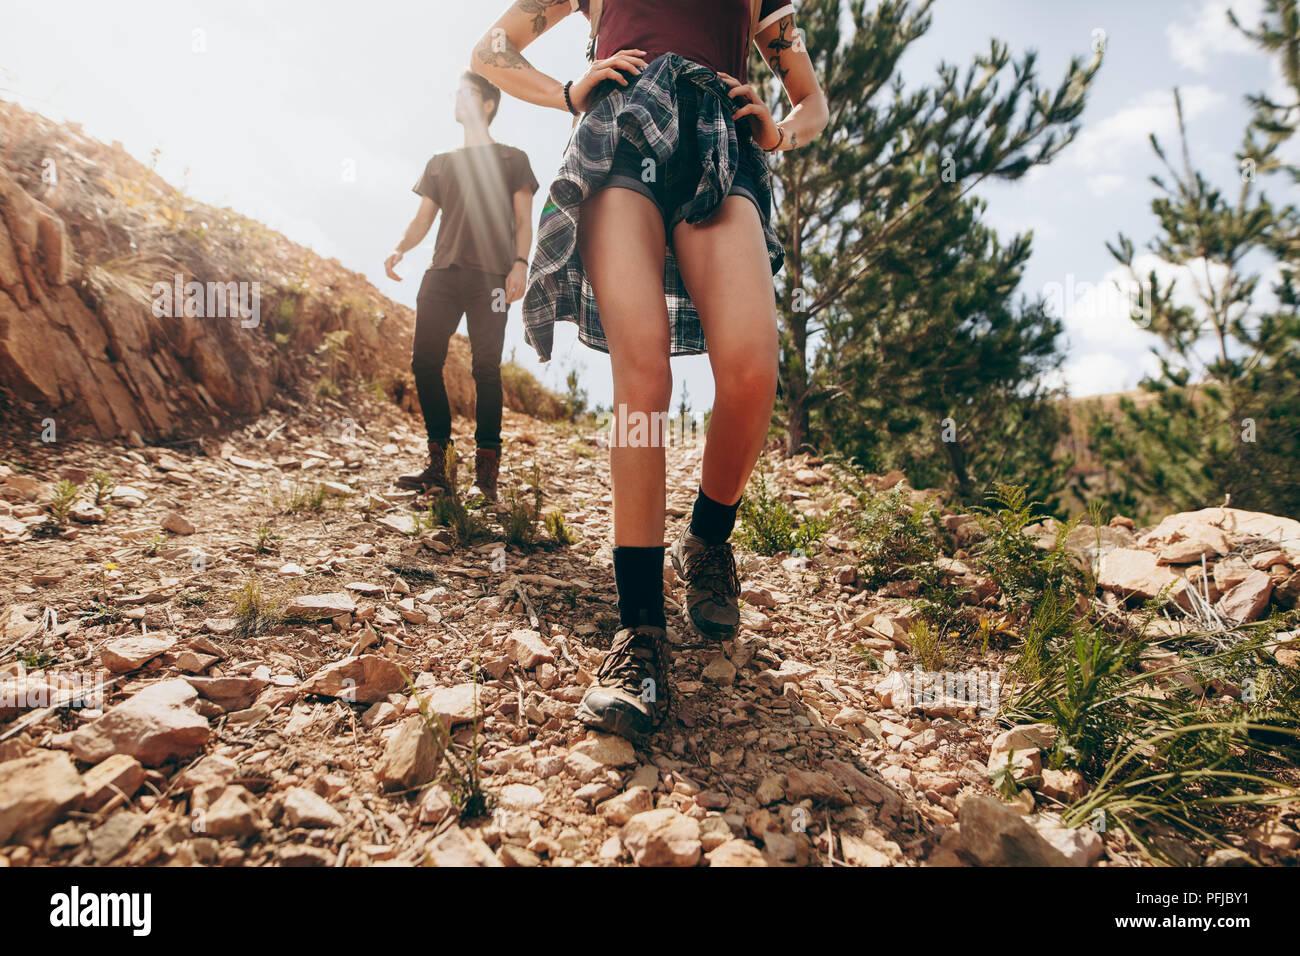 Explorer en train de marcher dans une forêt. Femme marche sur un sentier rocheux avec sa partenaire après son sur une journée ensoleillée. Photo Stock